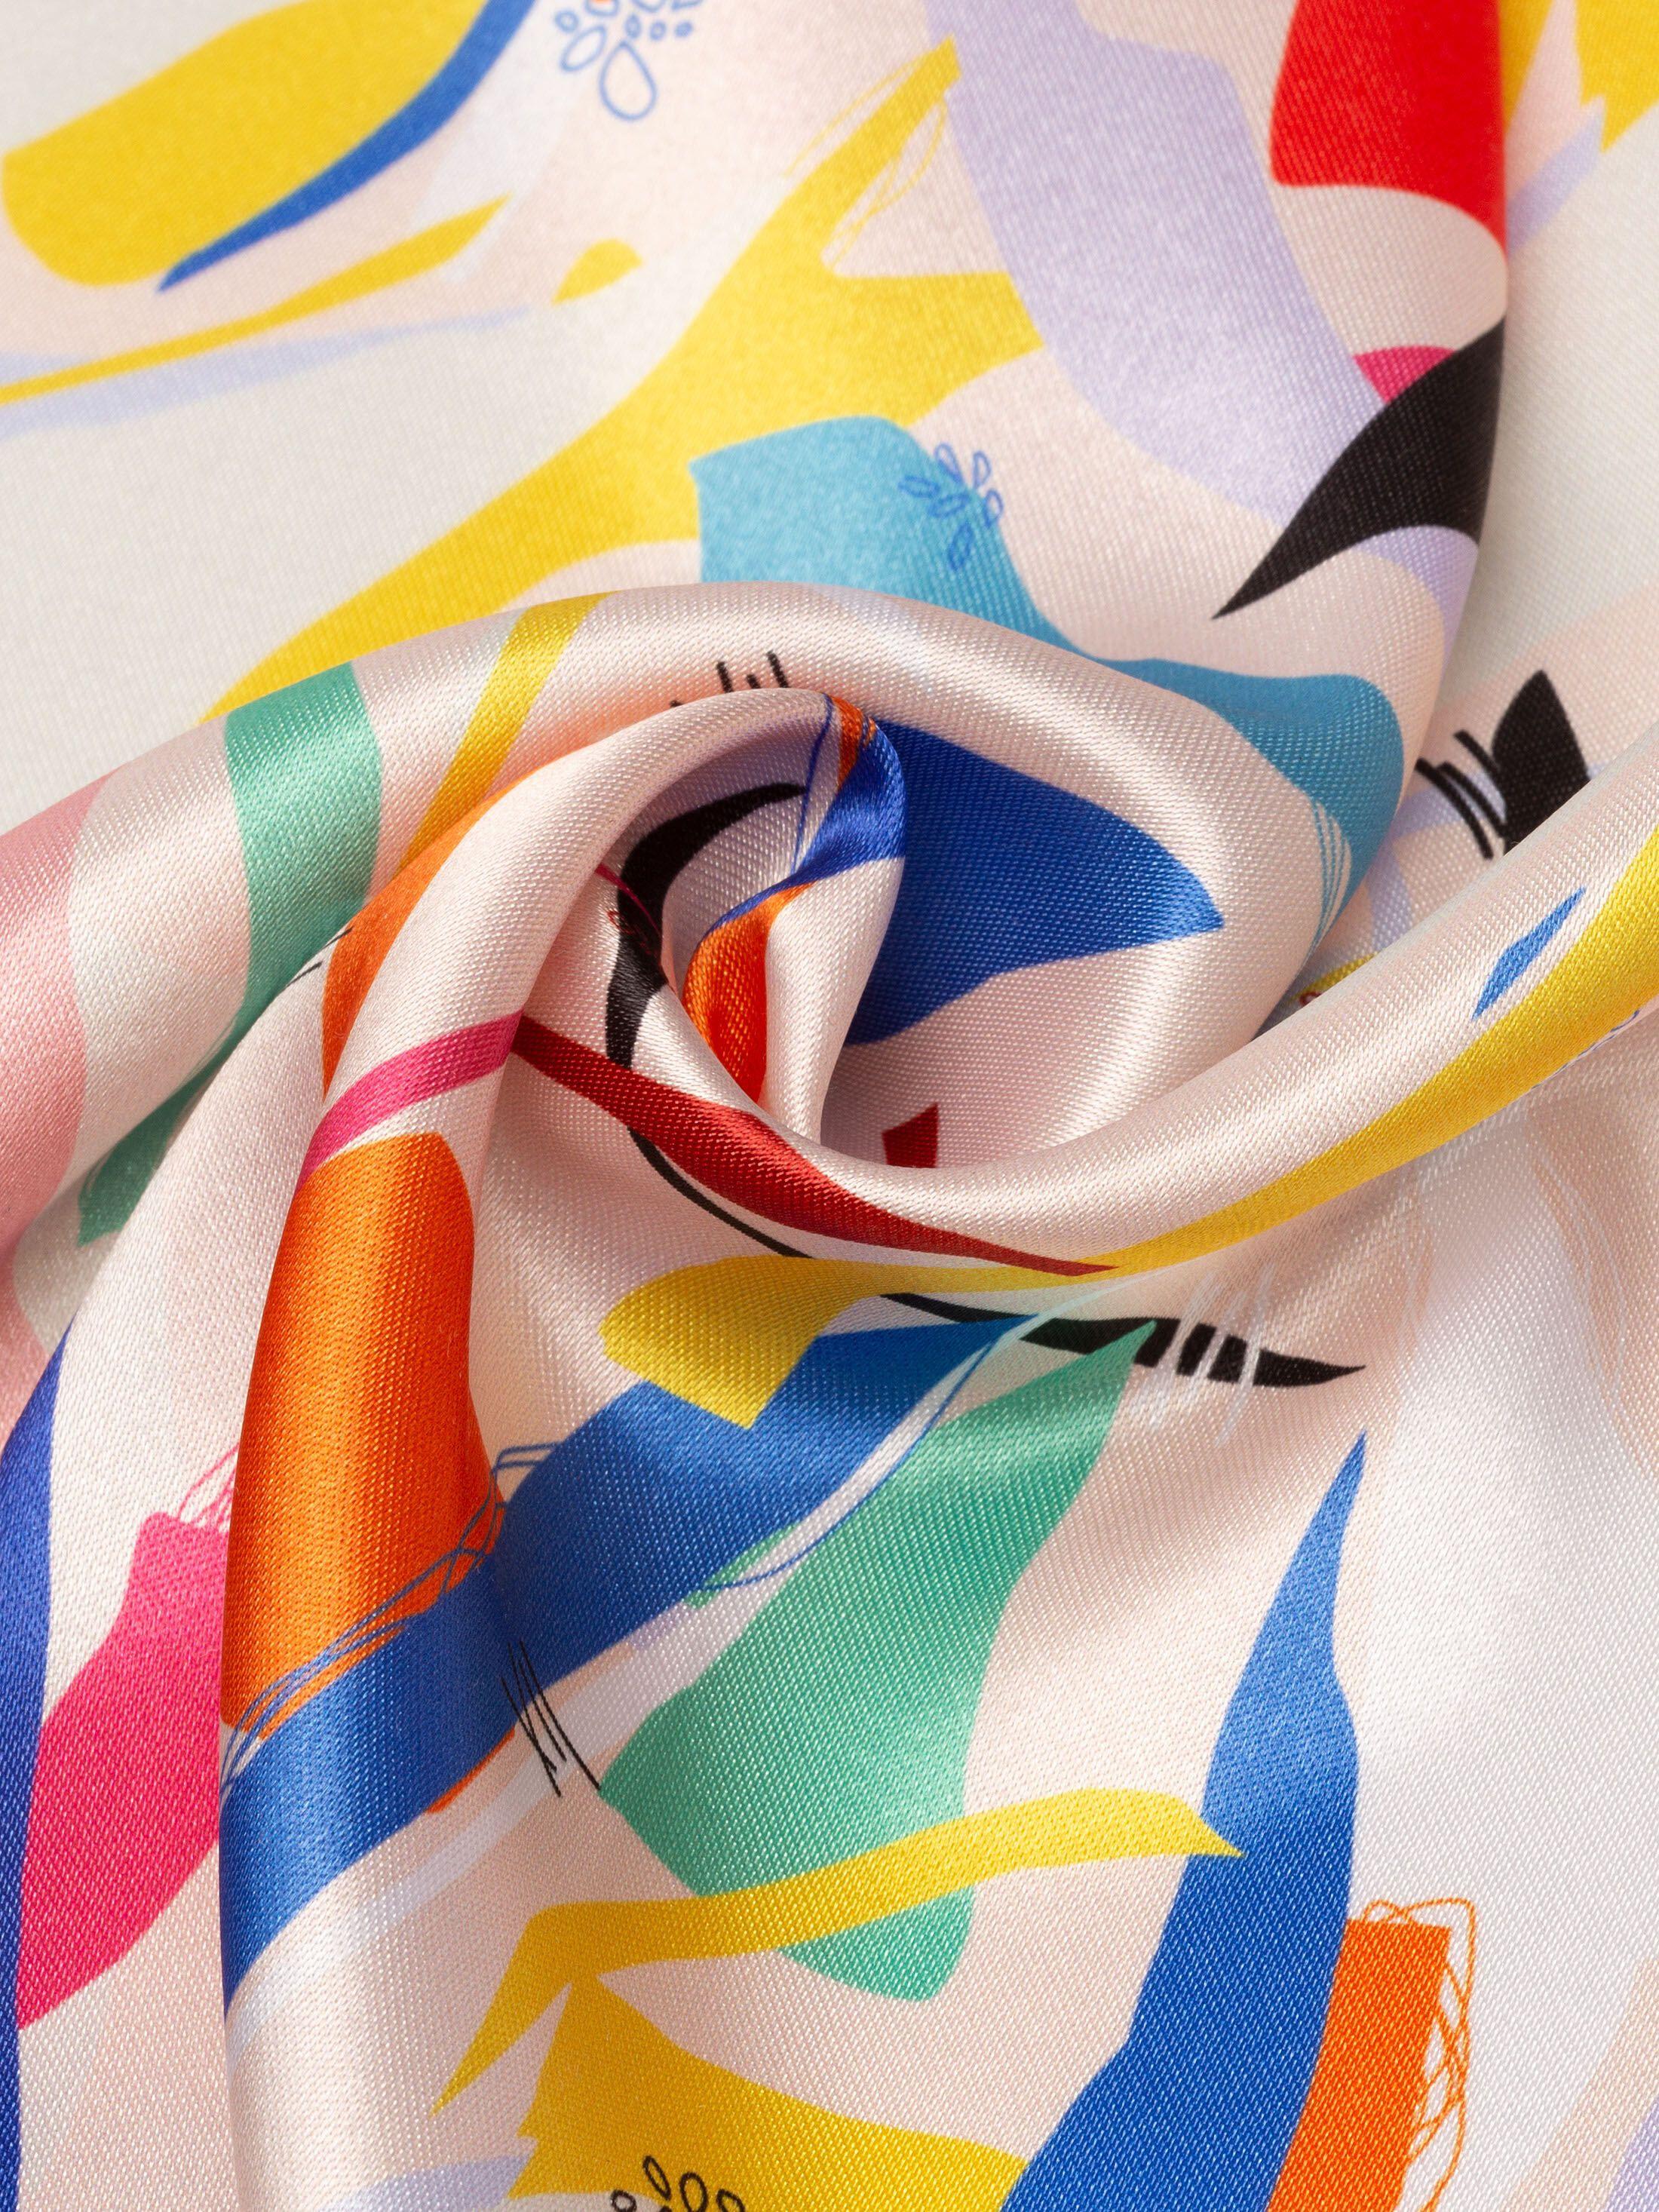 Glänzenden satin bedrucken lassen glänzender stoff